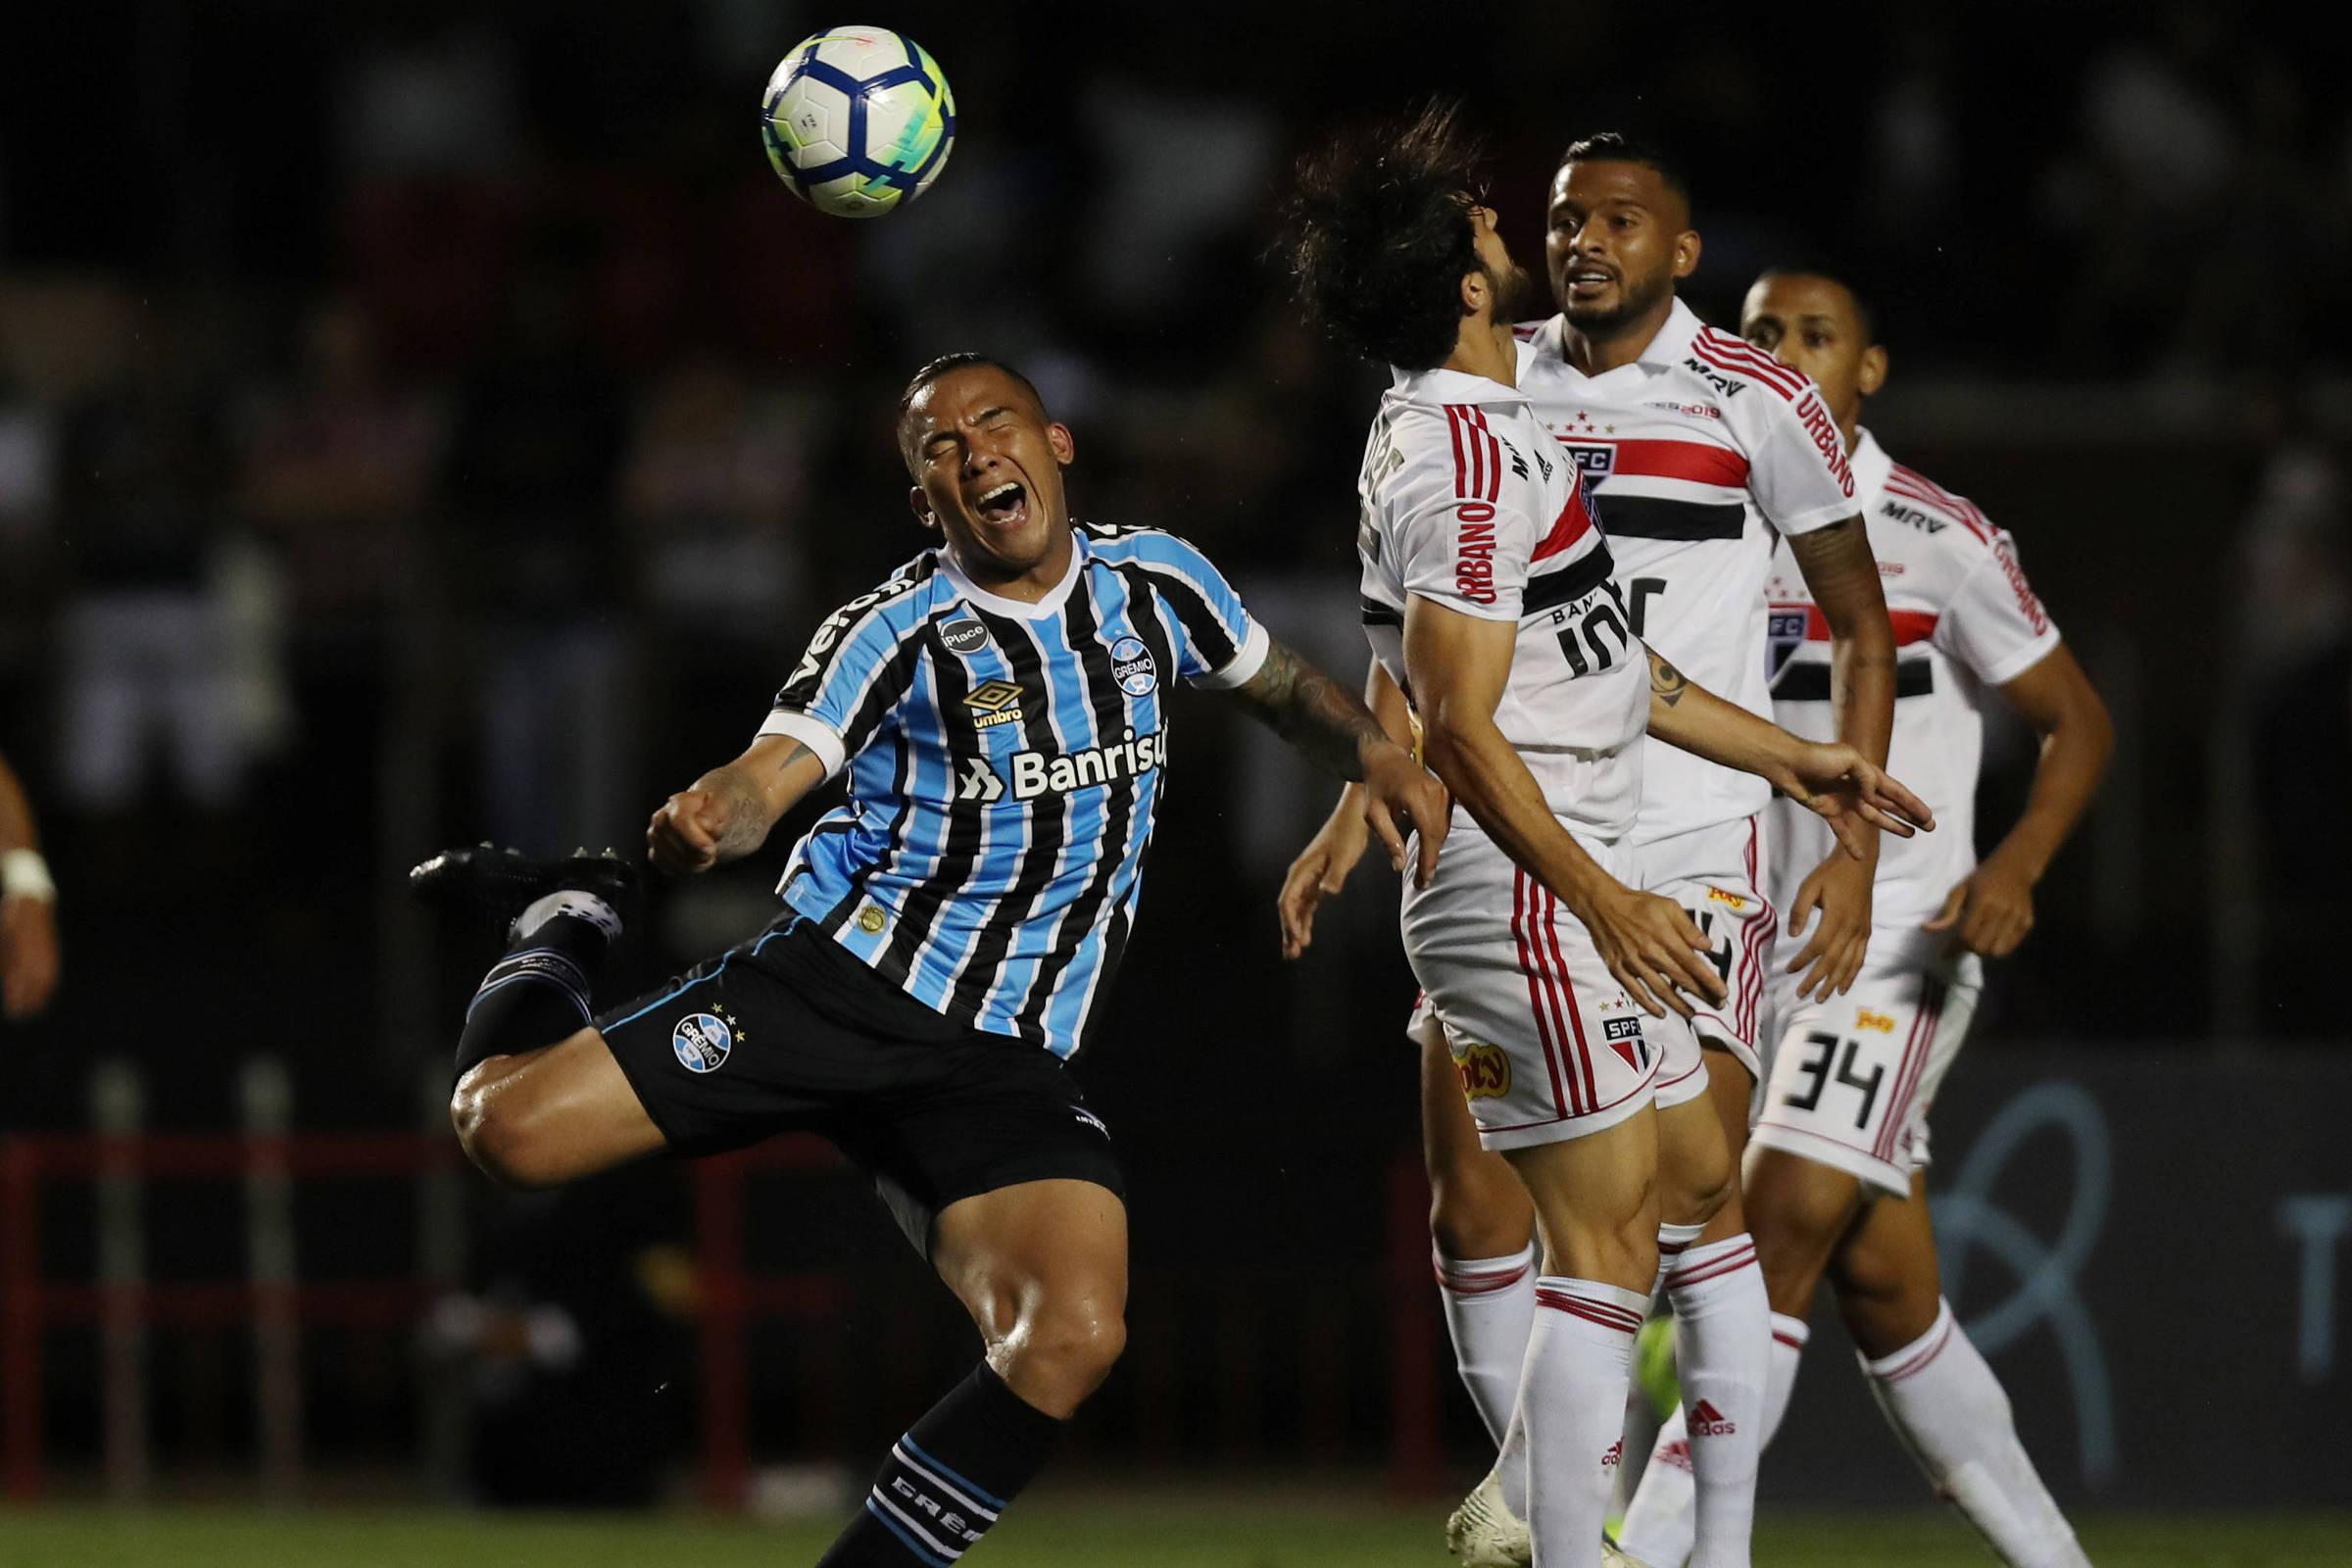 Veja o que ainda está em jogo na 38ª rodada do Campeonato Brasileiro -  27 11 2018 - Esporte - Folha 09d4bab55b3fd